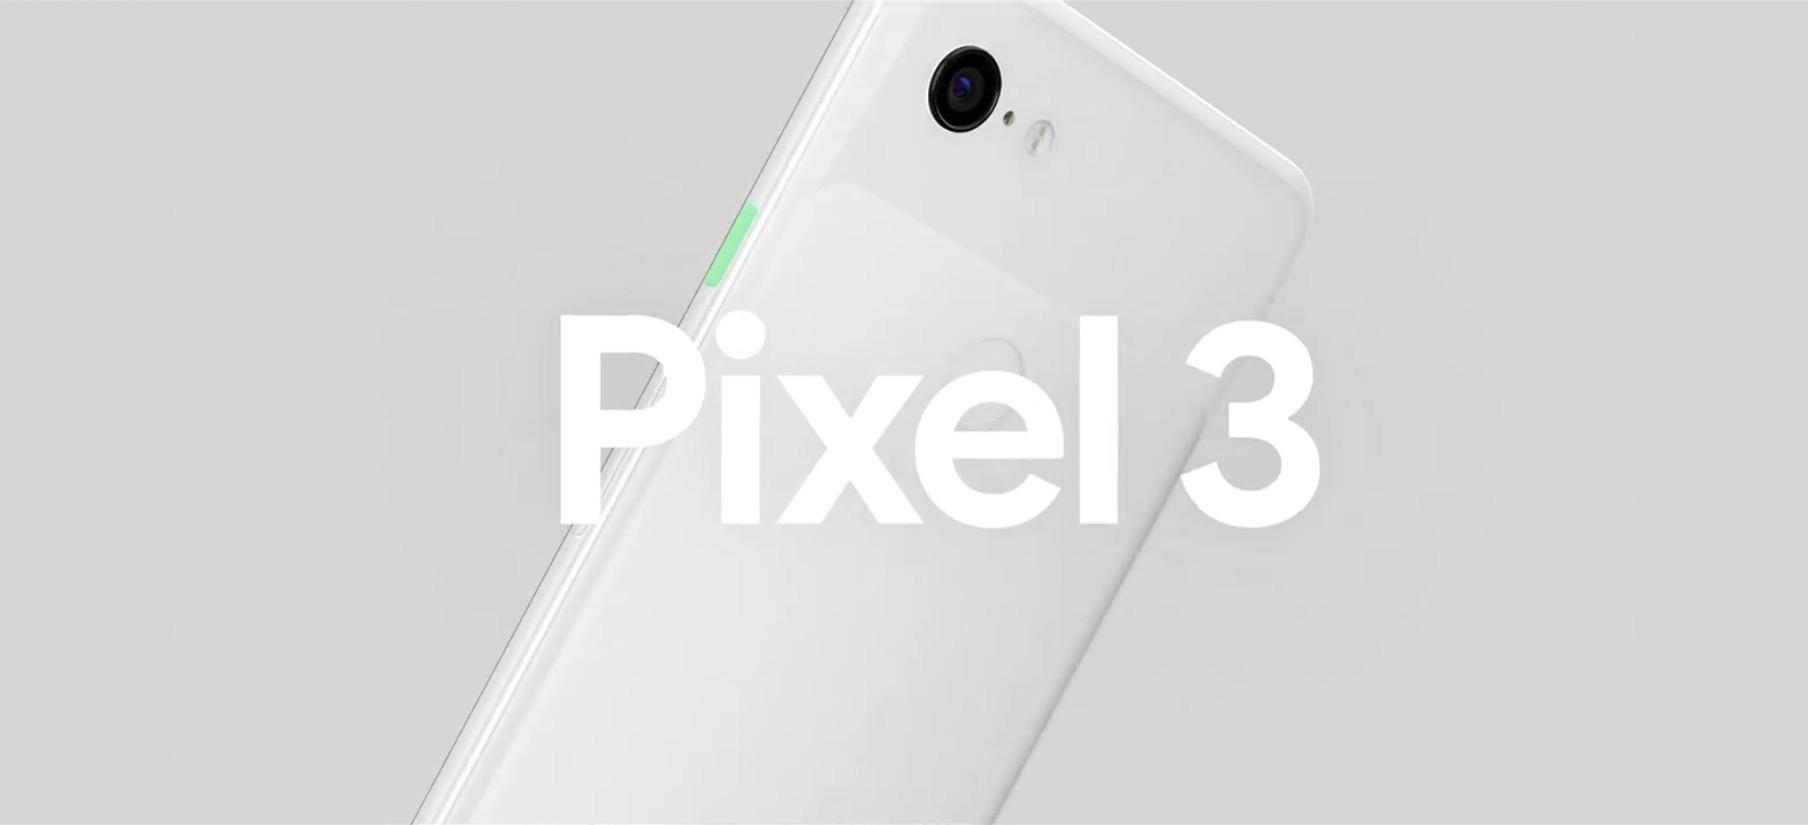 ドコモ、Pixel 3/Pixel 3 XLの販売価格を発表。実質2.7万円から